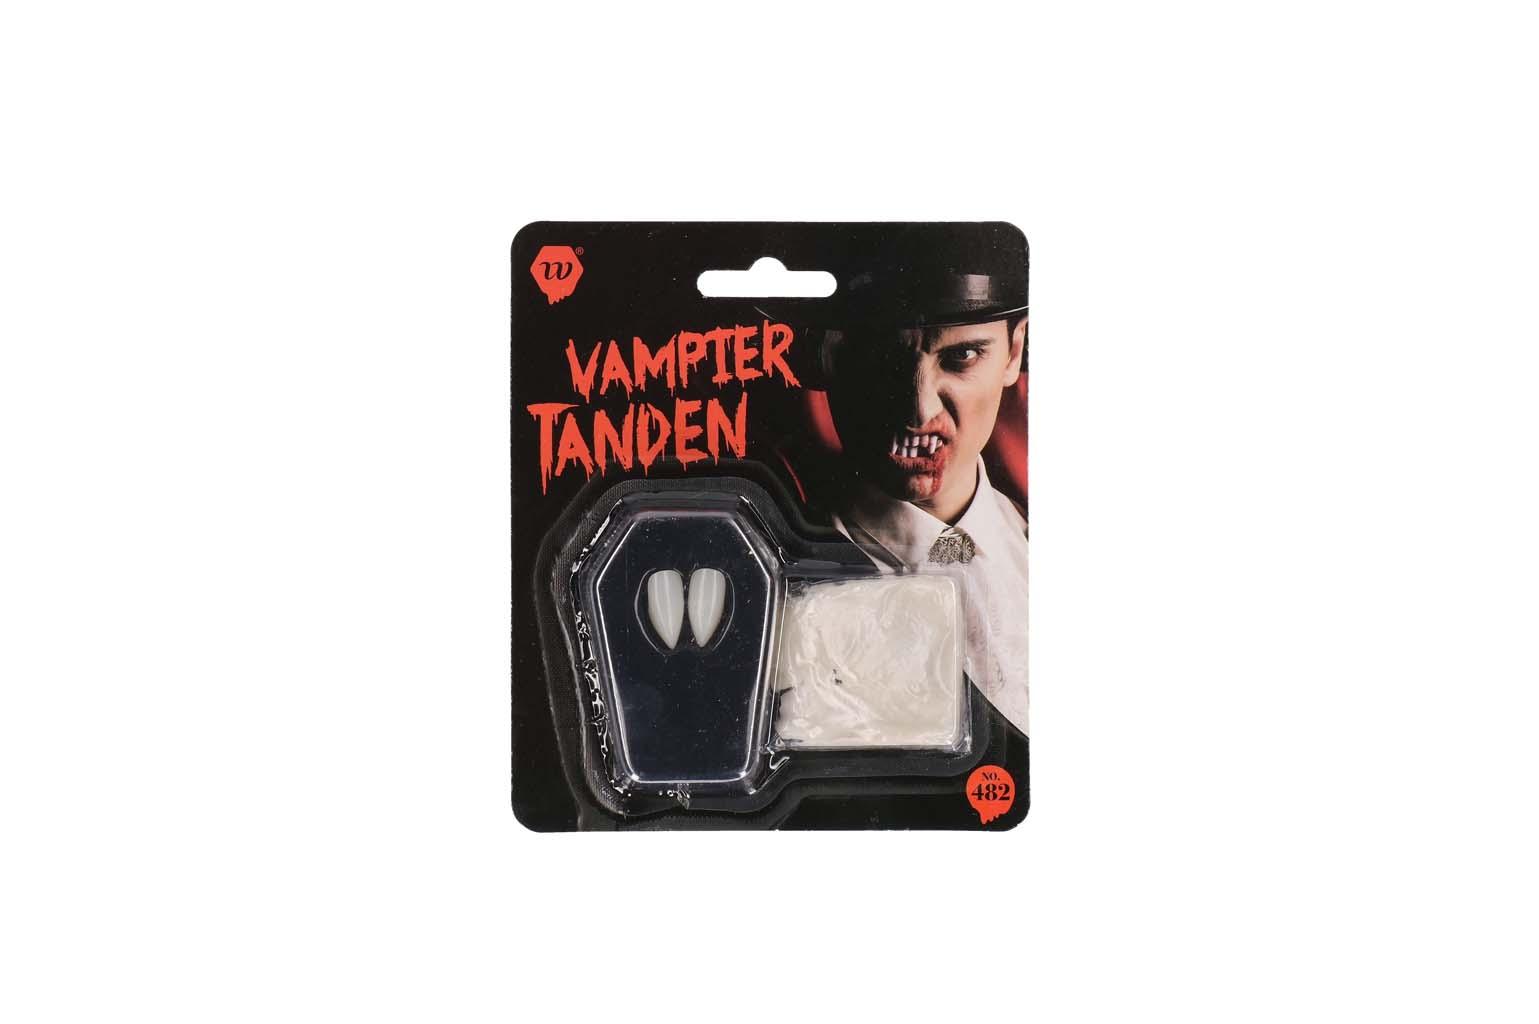 Vampier hoek tanden luxe